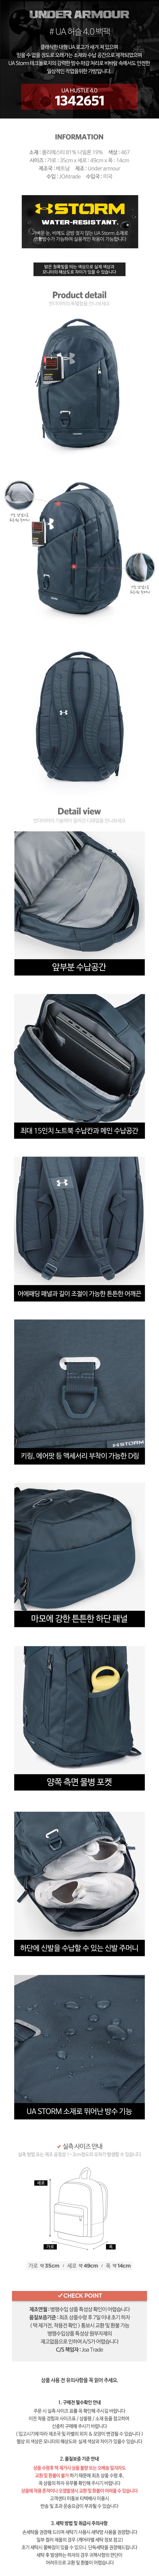 언더아머 가방 백팩 UA 허슬 4.0 백팩 BU-K 딥그린